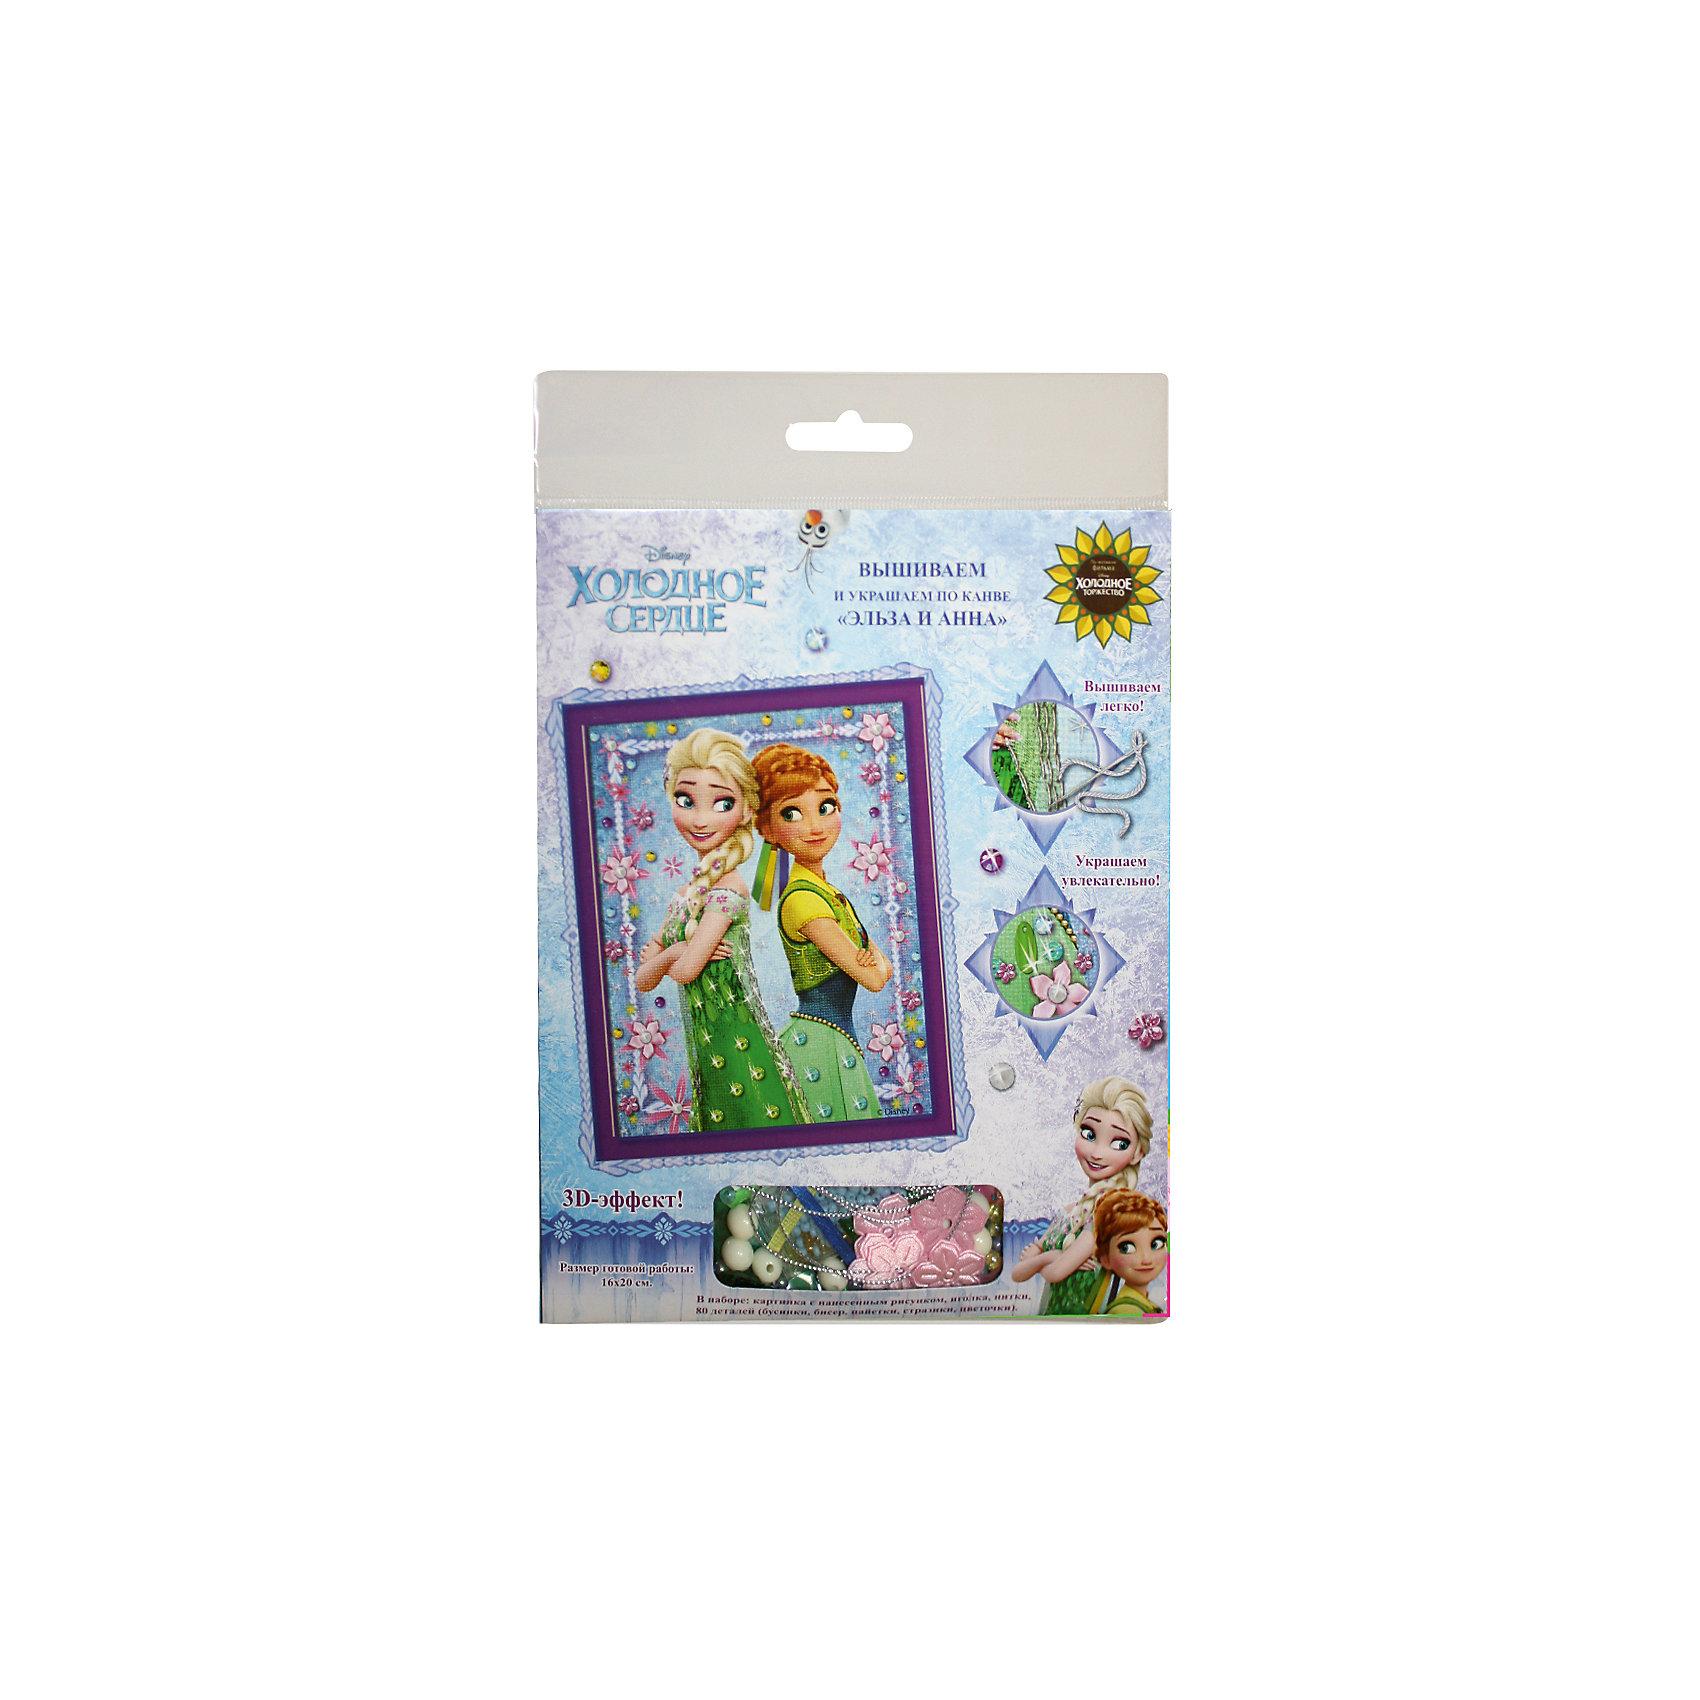 Вышивка и украшение по канве Эльза и Анна, Холодное сердцеШитьё<br>Характеристики товара:<br><br>• комплектация: текстильная канва с нанесенным рисунком, иголка, нитки, бусинки, стразы, пайетки, тканевые цветы<br>• размер картинки: 16х20 см<br>• упаковка: блистер<br>• возраст: от 7 лет<br>• состав: пластик, текстиль<br>• страна бренда: Россия<br>• страна изготовитель: Китай<br><br>Для создания прекрасной поделки с 3D-эффектом нужно вышить платье и снежинки серебряными нитками. Затем следует пришить цветочки, ленту, бусинки, пайетки и приклеить блестящие стразы. <br><br>В наборе для вышивания и украшения по канве Эльза и Анна ТМ Disney Холодное сердце: текстильная канва с нанесенным рисунком (16х20 см), иголка, нитки, бусинки, стразы, пайетки, тканевые цветы, ленты.<br><br>Вышивка и украшение по канве Эльза и Анна, Холодное сердце, вы можете приобрести в нашем интернет-магазине.<br><br>Ширина мм: 200<br>Глубина мм: 160<br>Высота мм: 10<br>Вес г: 50<br>Возраст от месяцев: 84<br>Возраст до месяцев: 2147483647<br>Пол: Женский<br>Возраст: Детский<br>SKU: 5453380